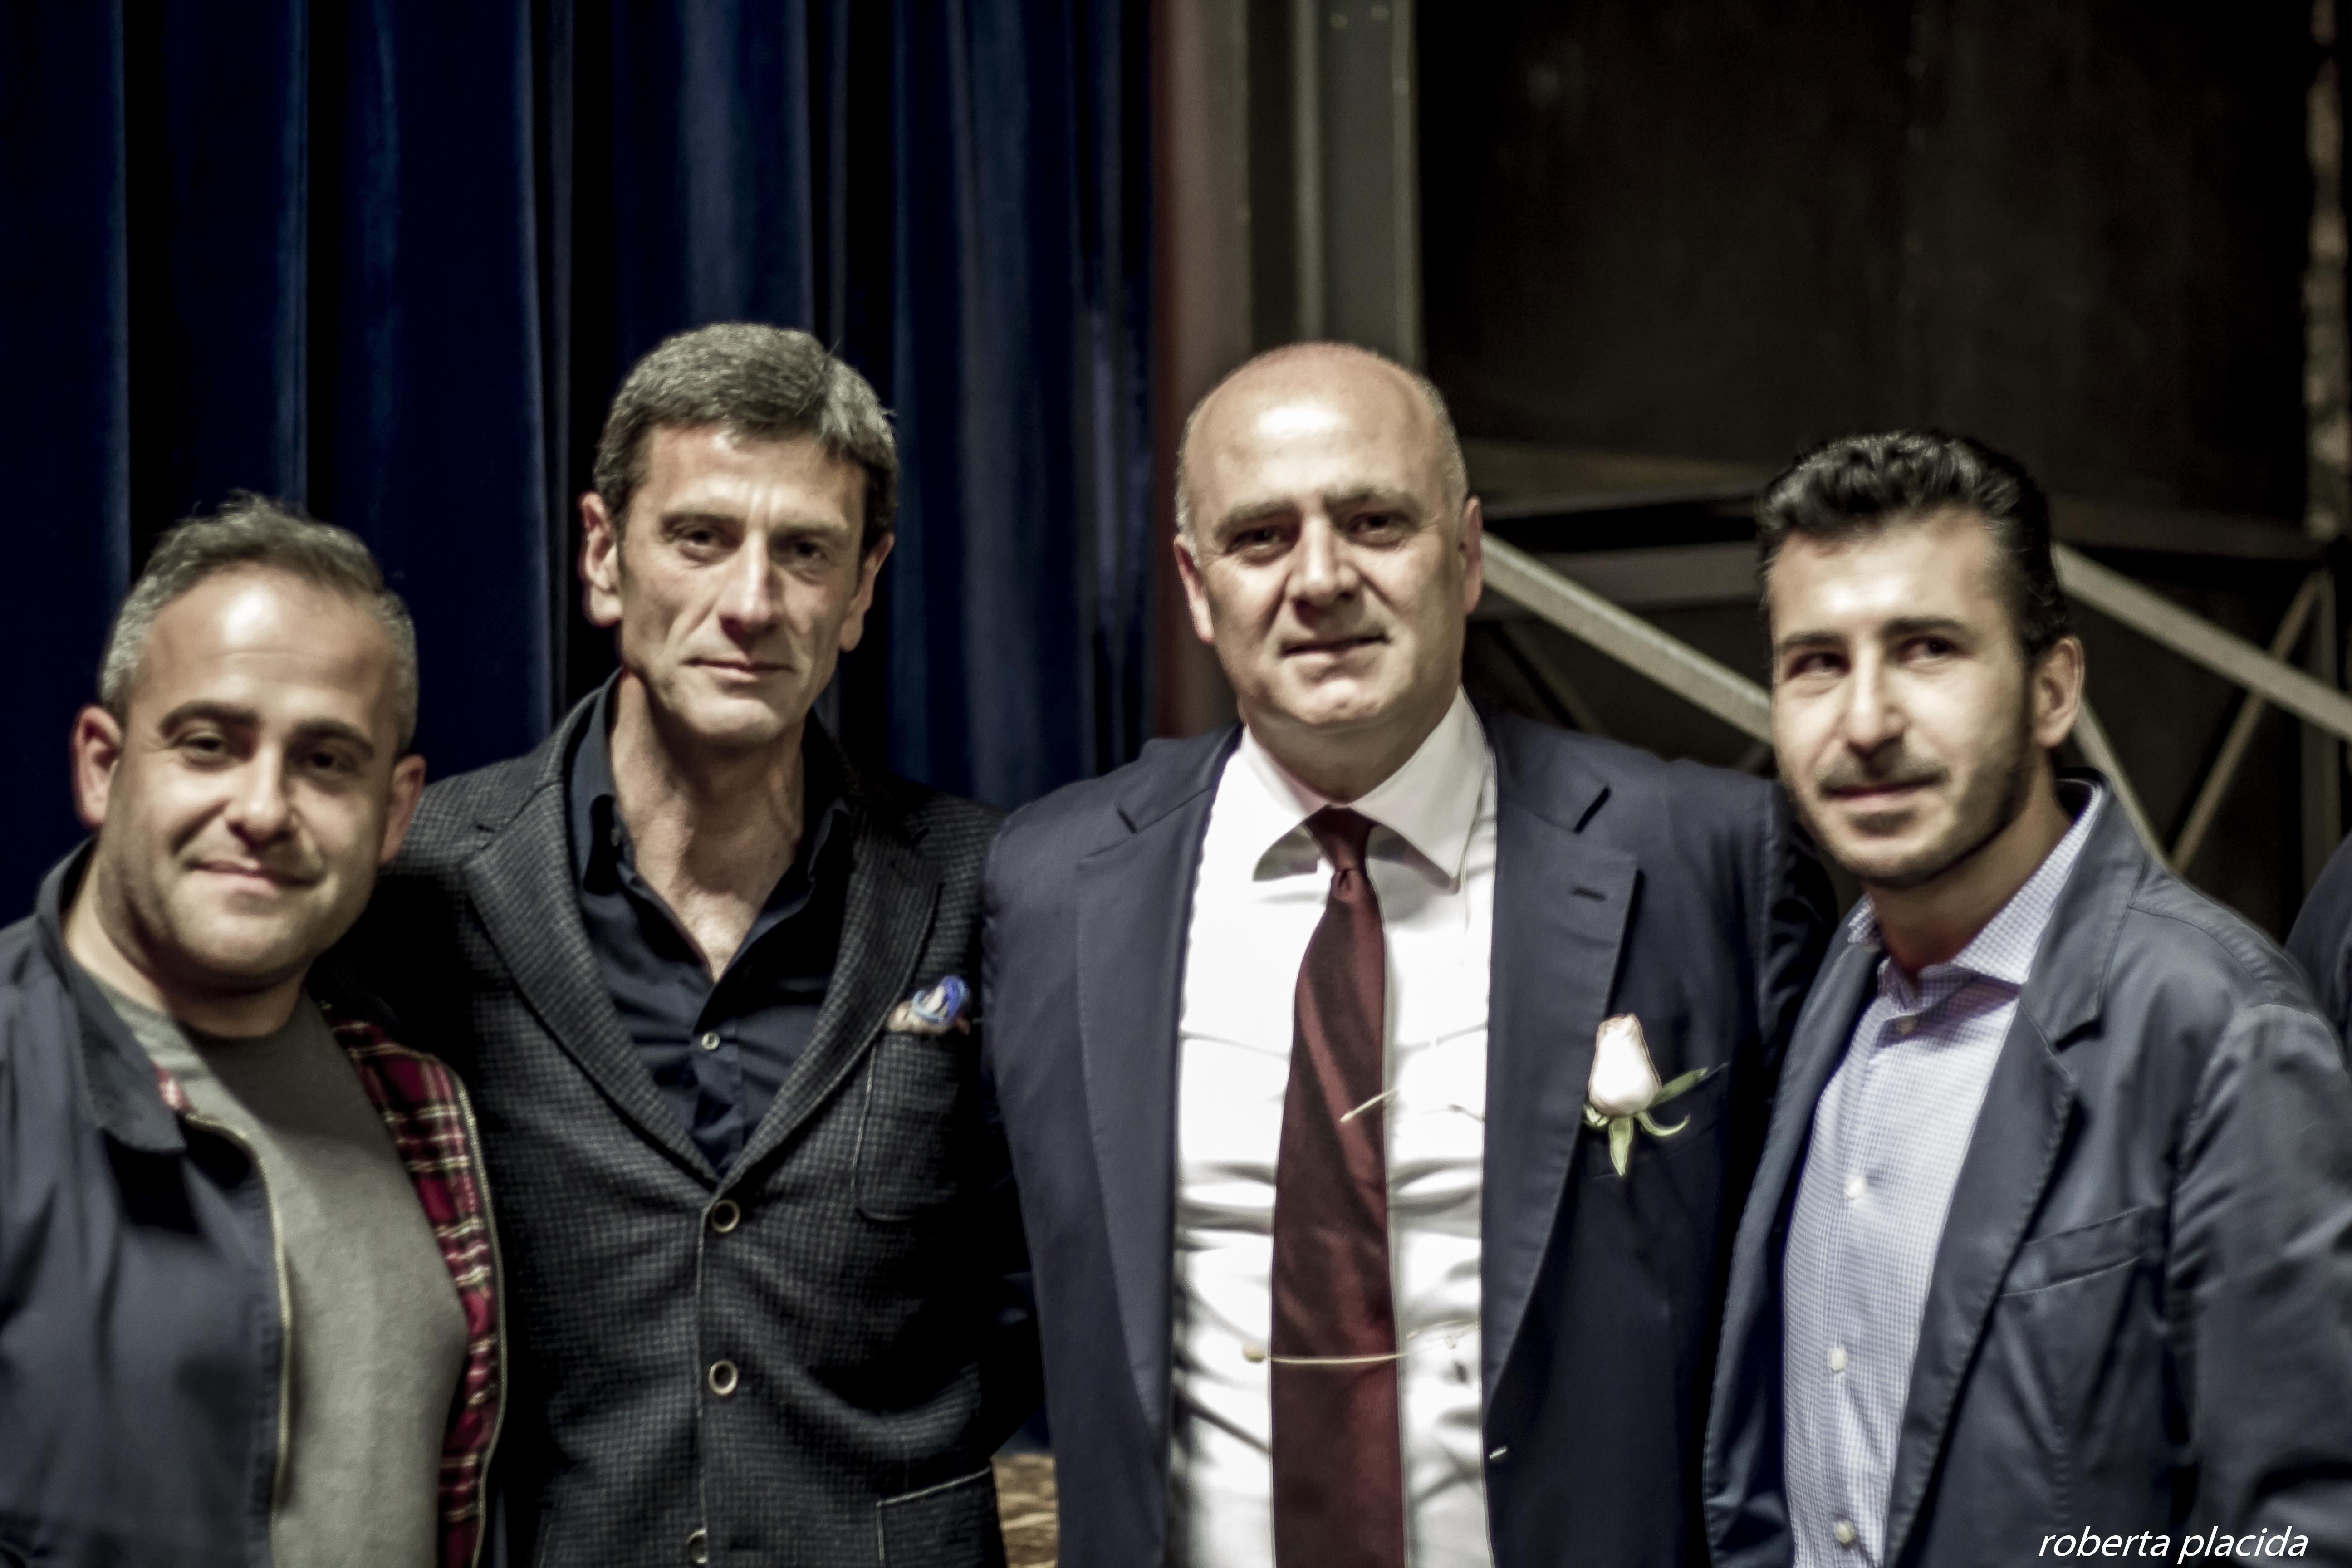 """Silvagni e Sigismondi """"Sostegno al candidato De Angelis, punti programmatici affini alla nostra storia e alla nostra sensibilità"""""""